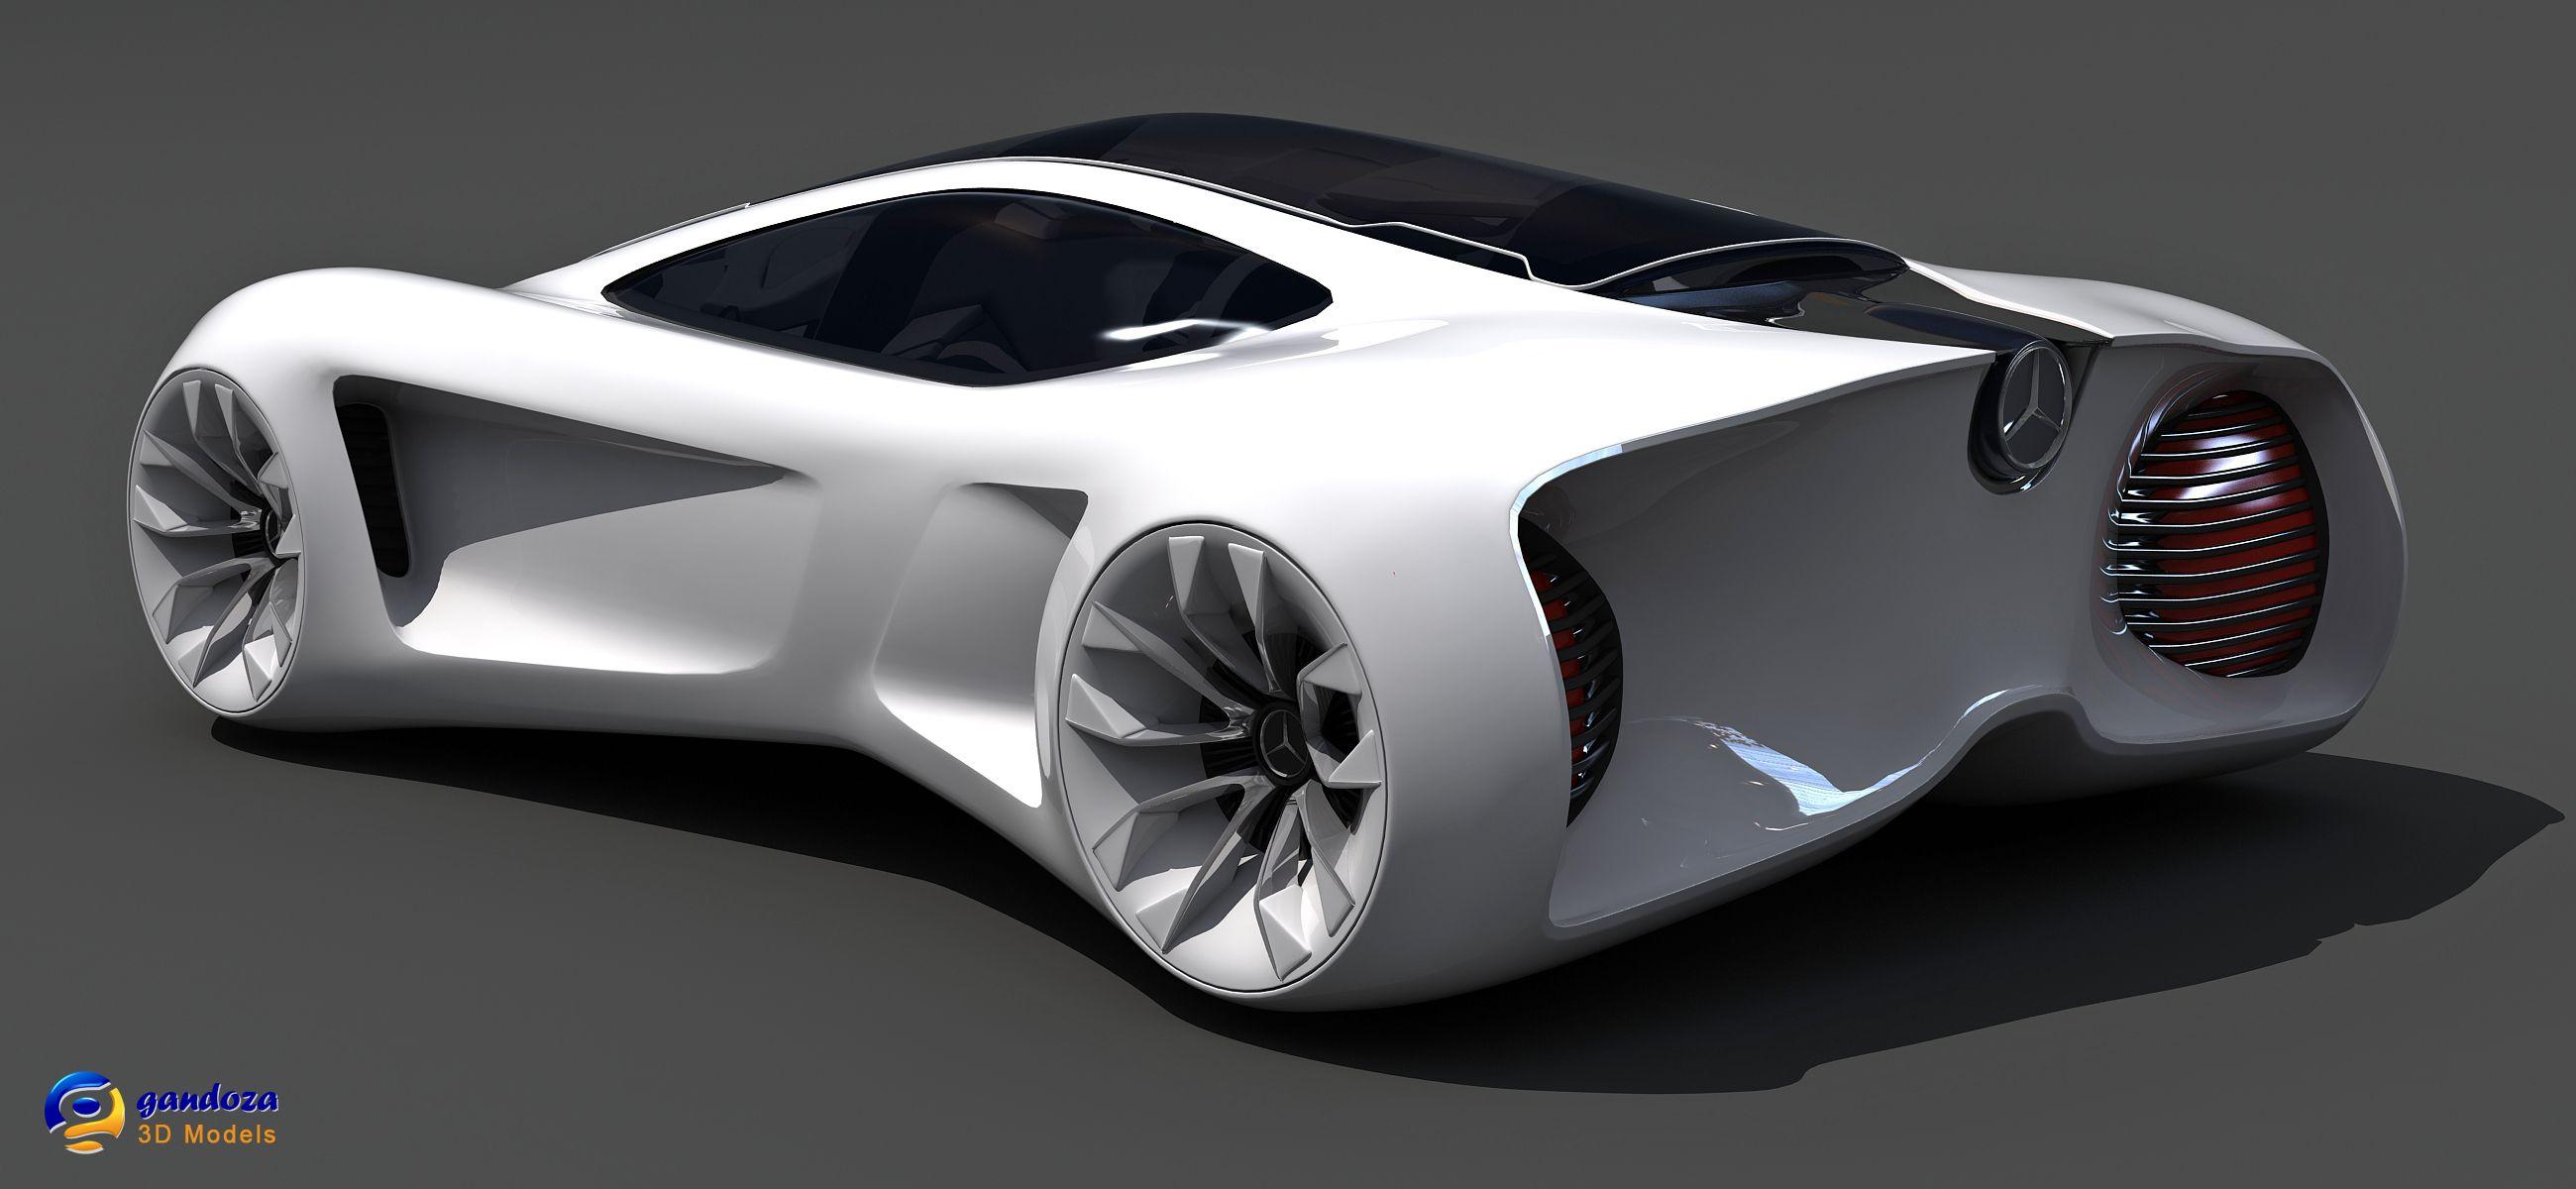 mercedes benz biome concept car future transportation concept cars cars mercedes benz biome. Black Bedroom Furniture Sets. Home Design Ideas